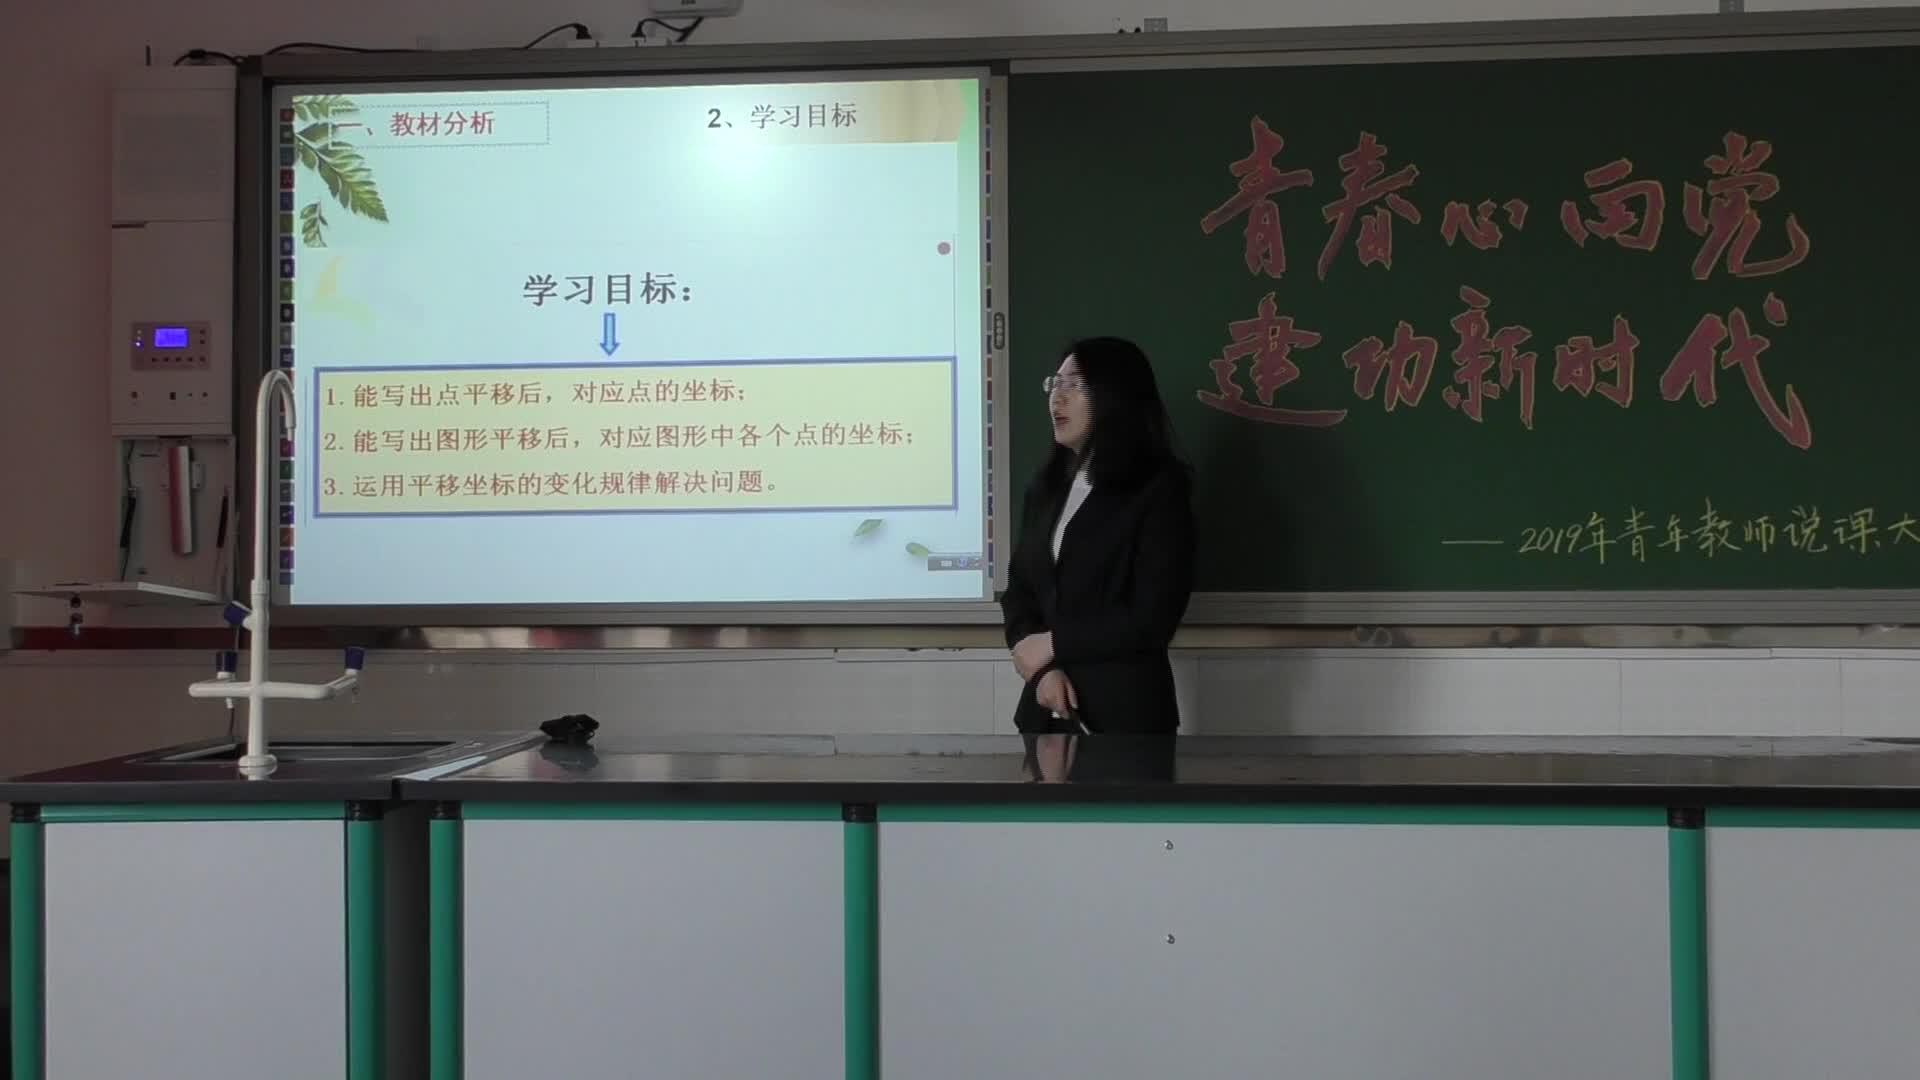 人教版 七年级数学下册 7.2.2用坐标表示平移-视频说课